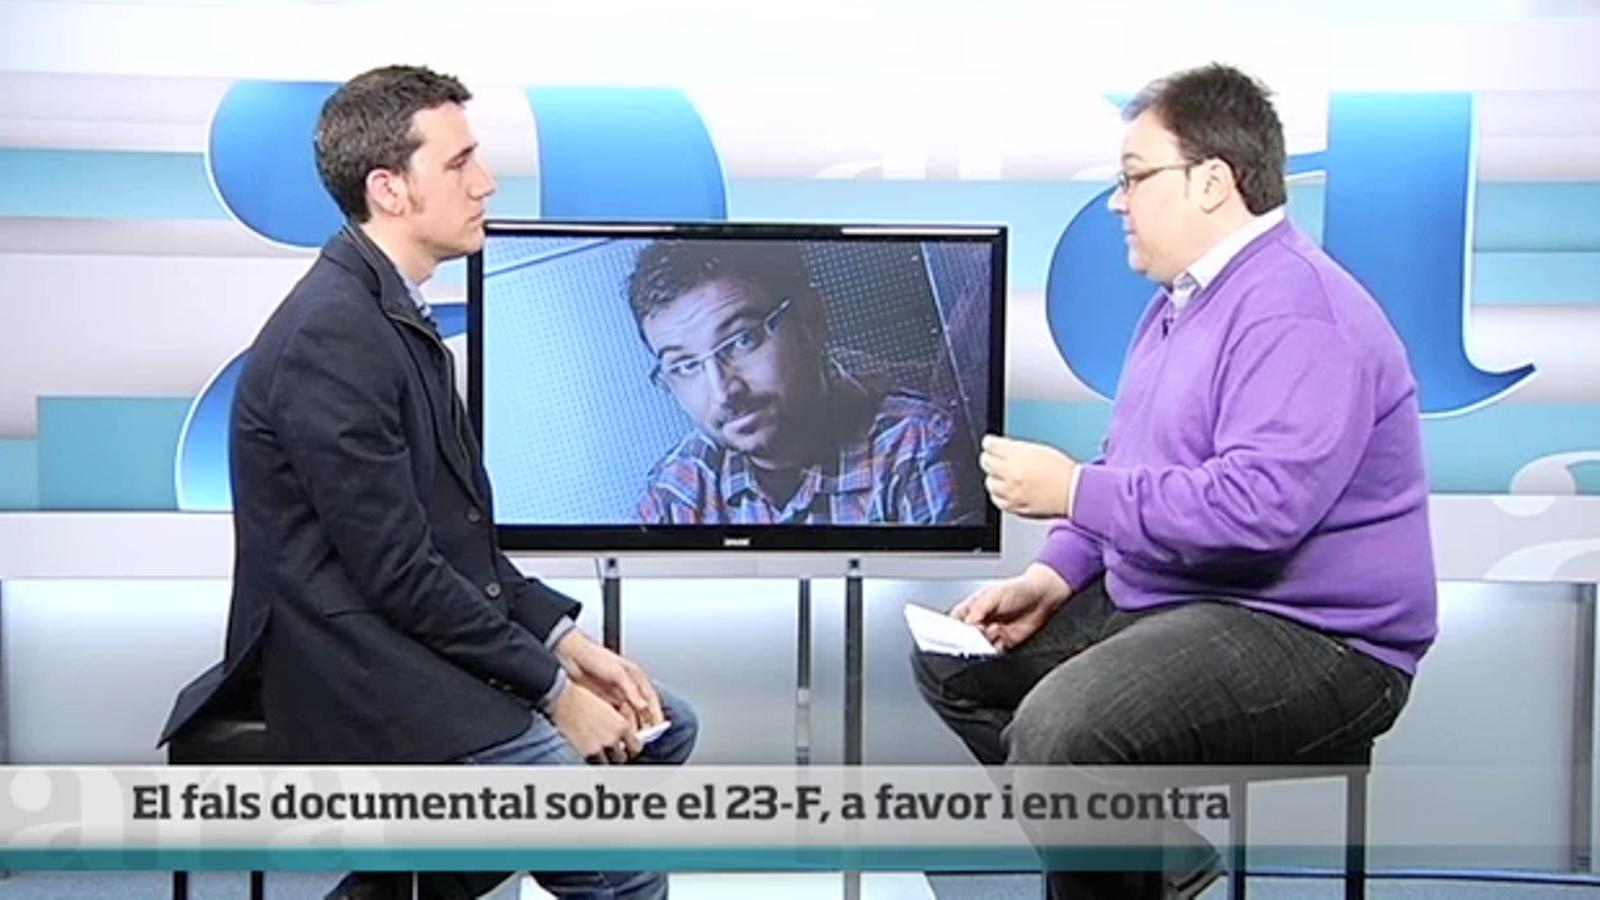 Cara a cara: el fals documental de Jordi Évole sobre el 23-F, a favor i en contra